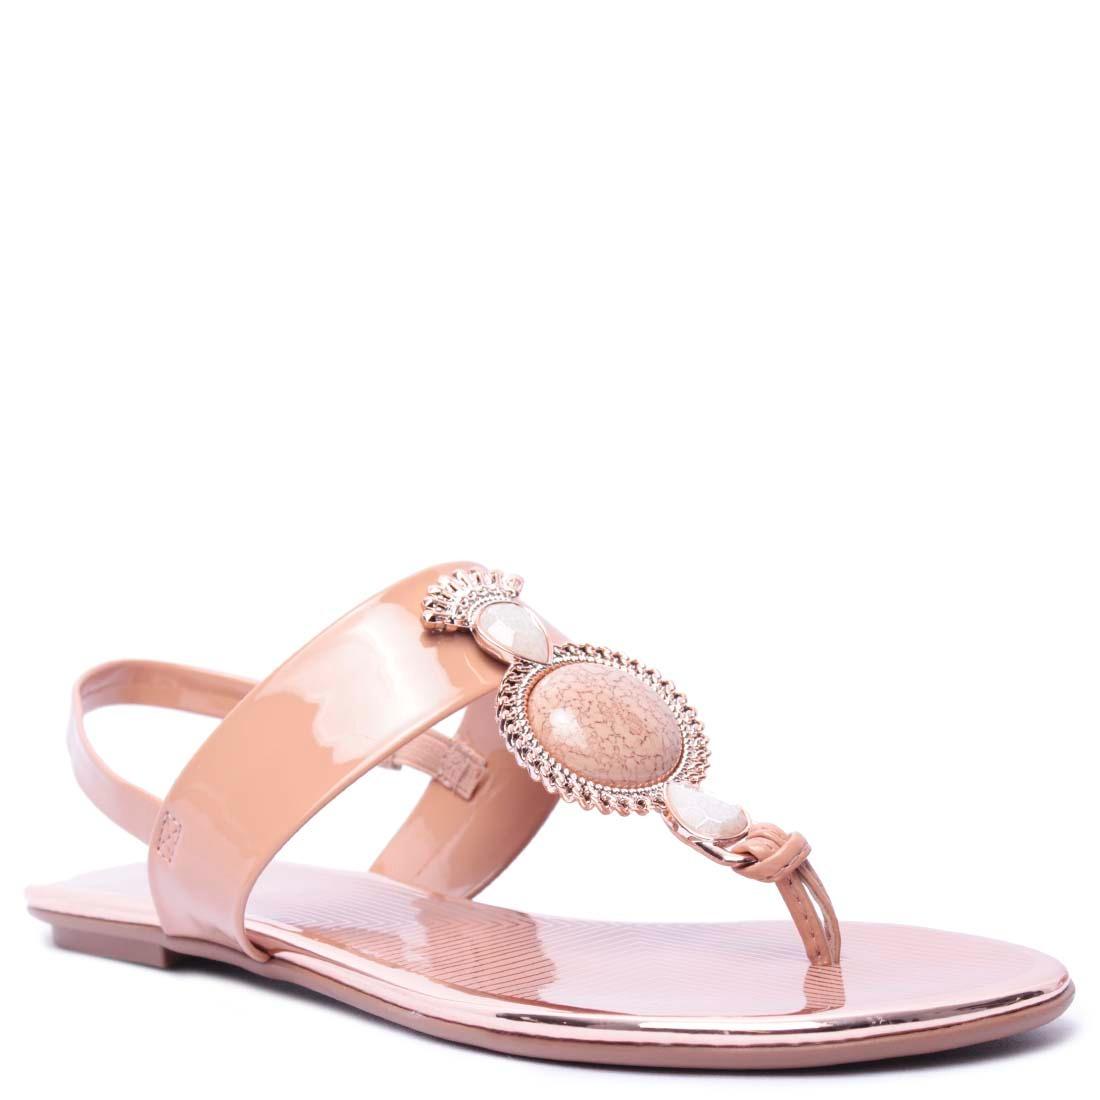 4ac97ba333 sandália rasteira feminino beira rio verniz. Carregando zoom.